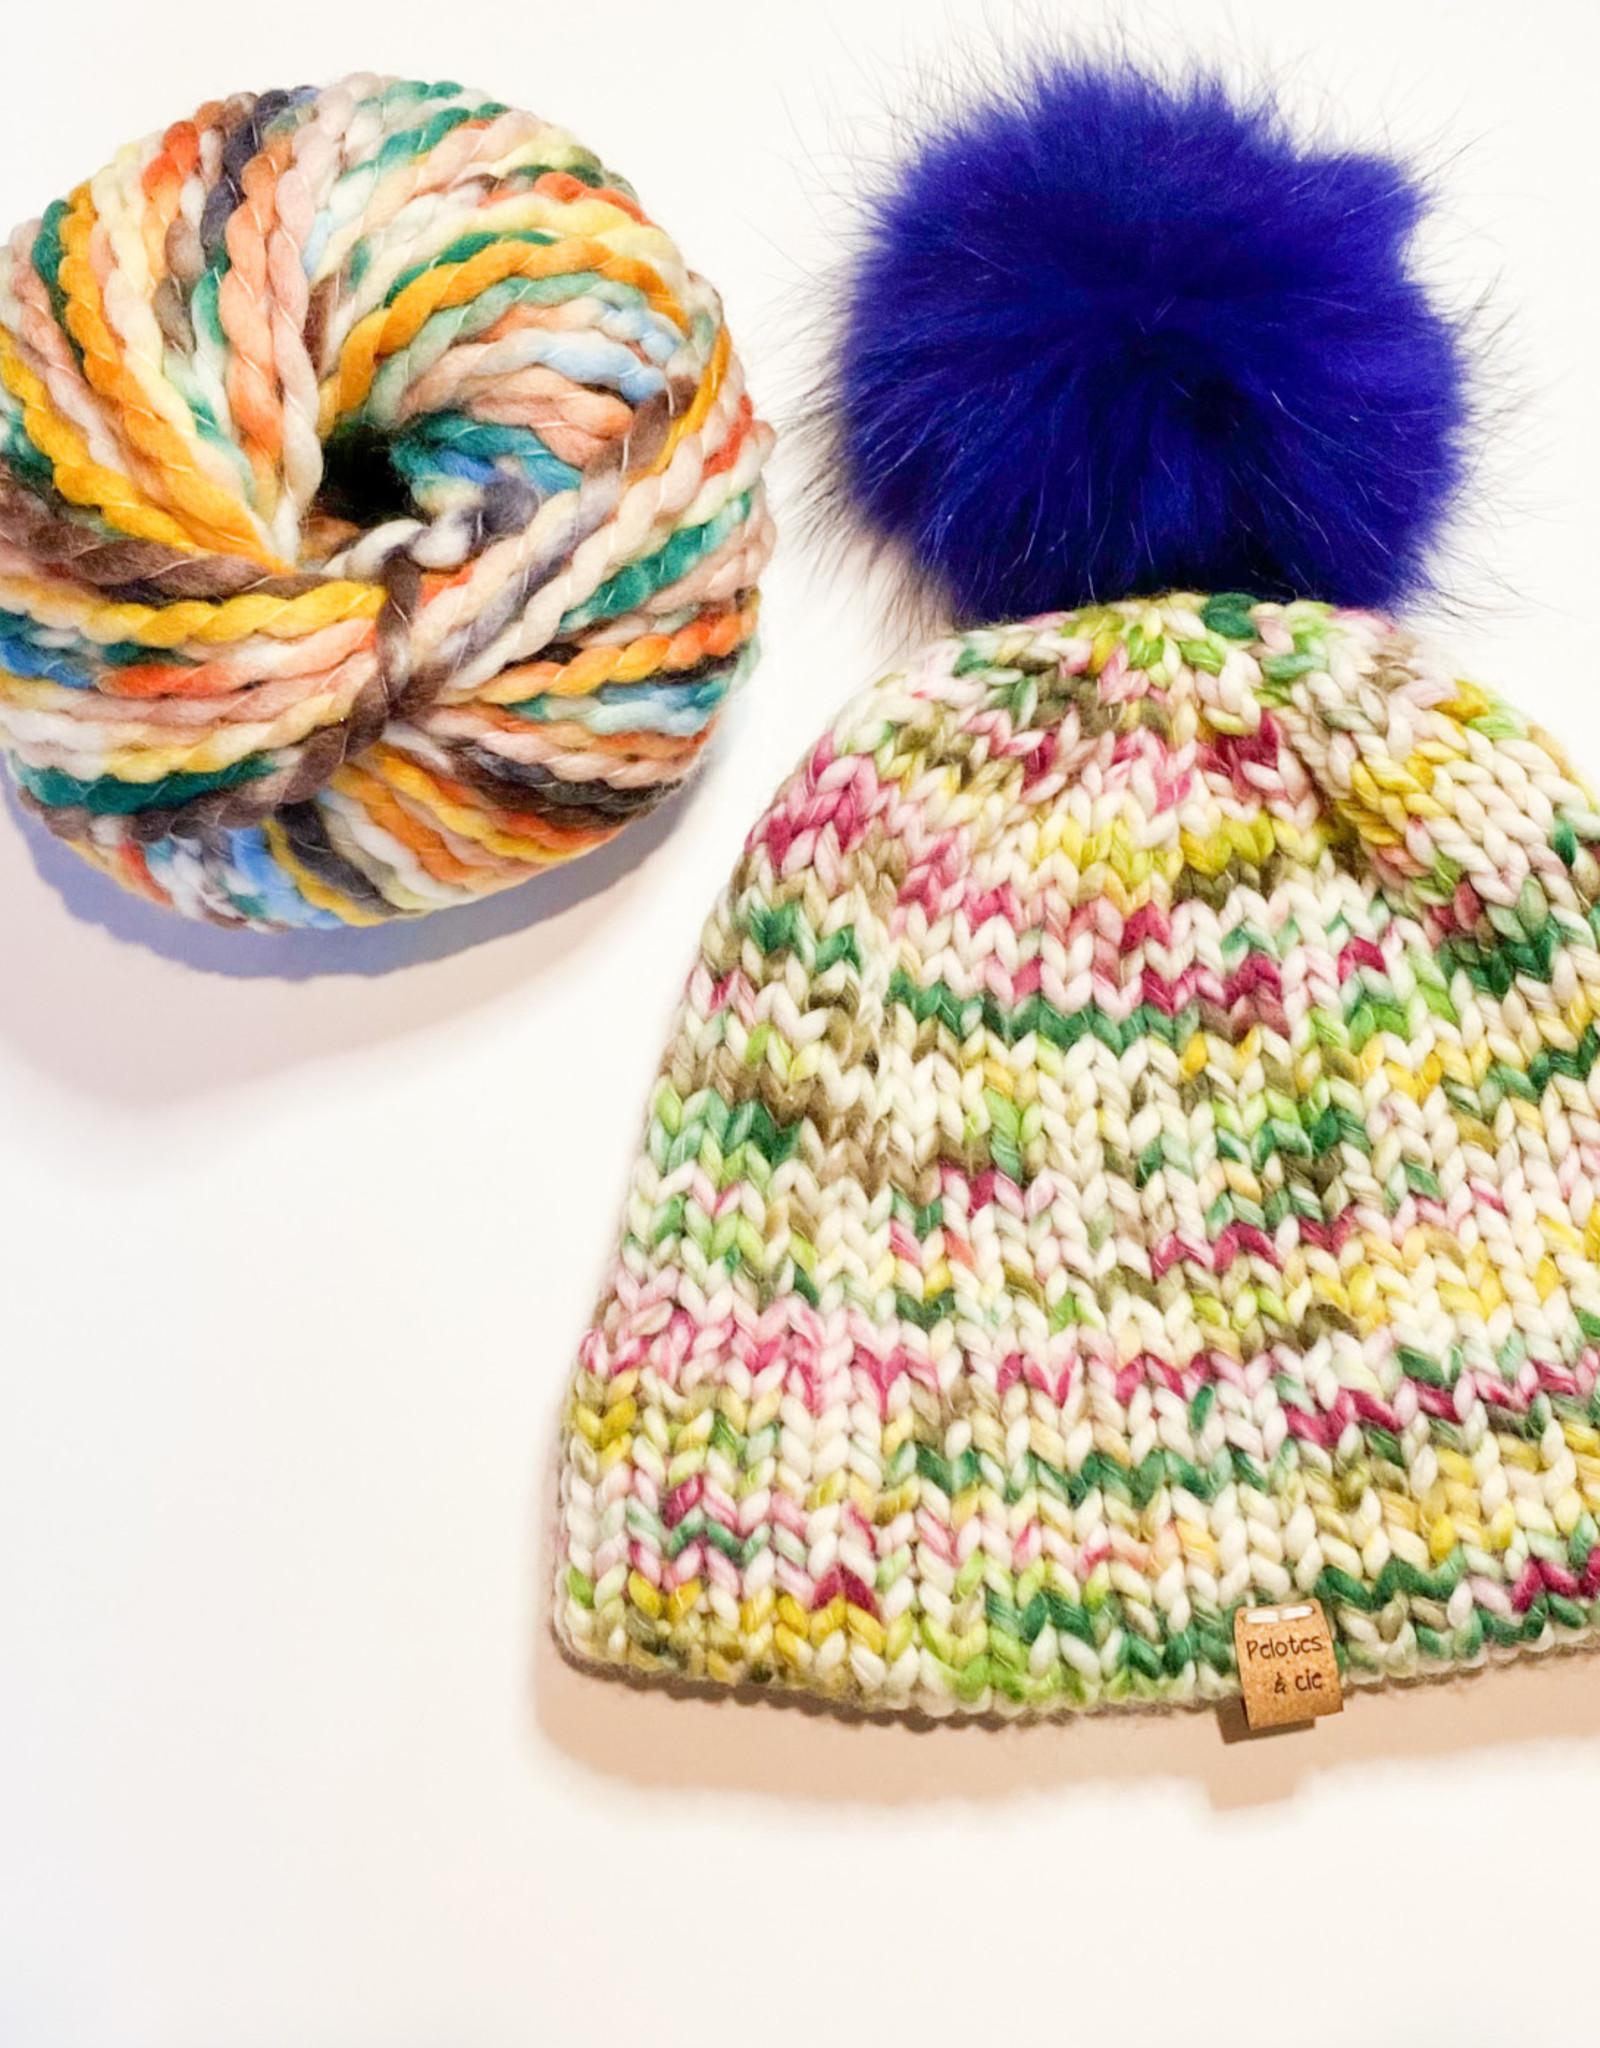 Pelotes & Cie Prêt-à-tricoter - Tuque Clover - Blue